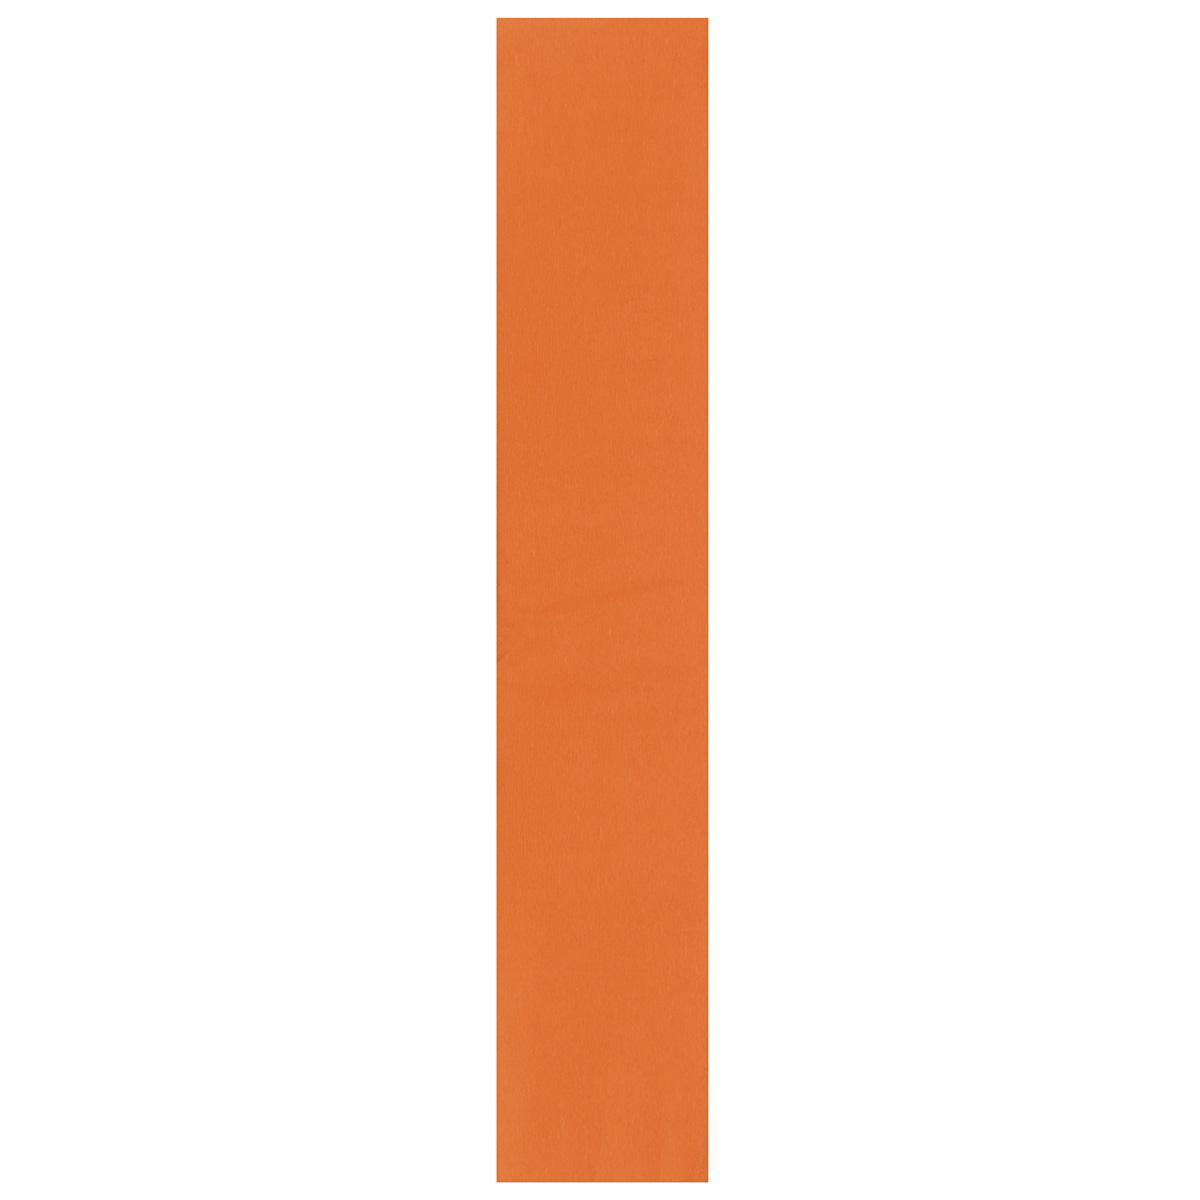 Бумага креповая Folia, цвет: оранжевый (09), 50 см x 2,5 м7704392_09Бумага креповая Folia - прекрасный материал для декорирования, украшения интерьера, изготовления искусственных цветов, эффектной упаковки и различных поделок. Бумага прекрасно держит форму, отлично крепится и замечательно подходит для изготовления праздничной упаковки для цветов.